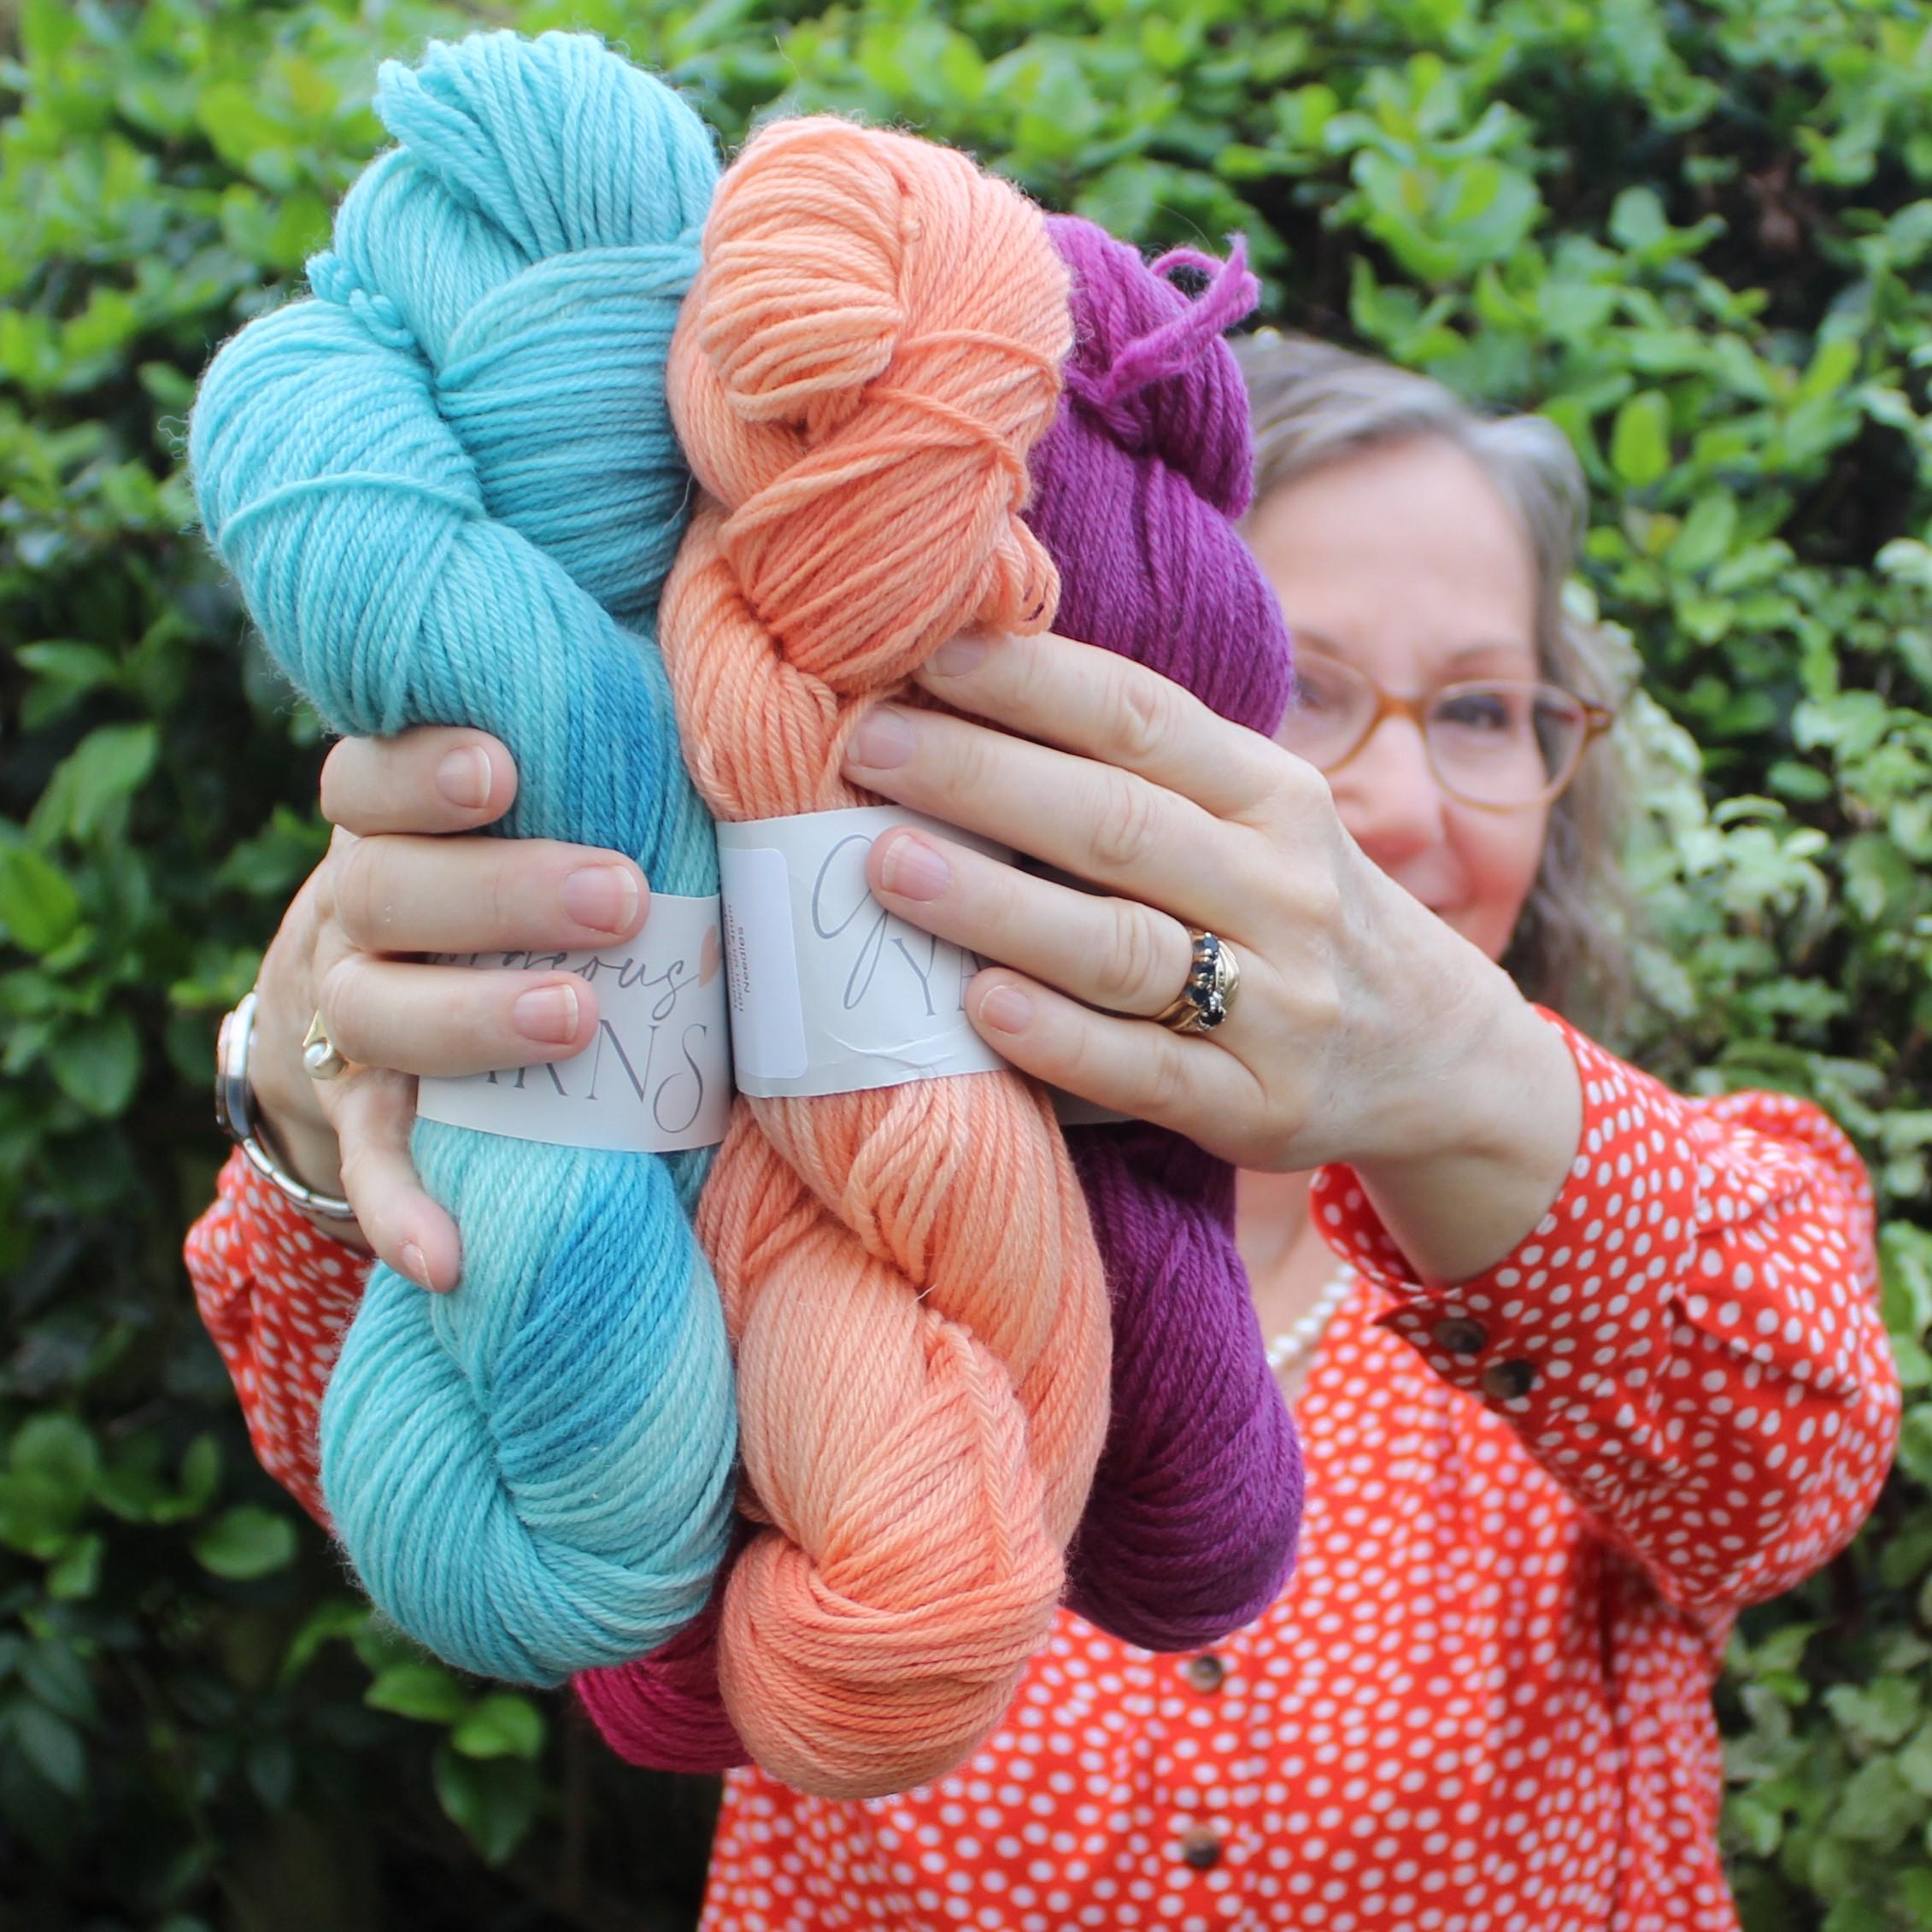 Beautiful natural yarns